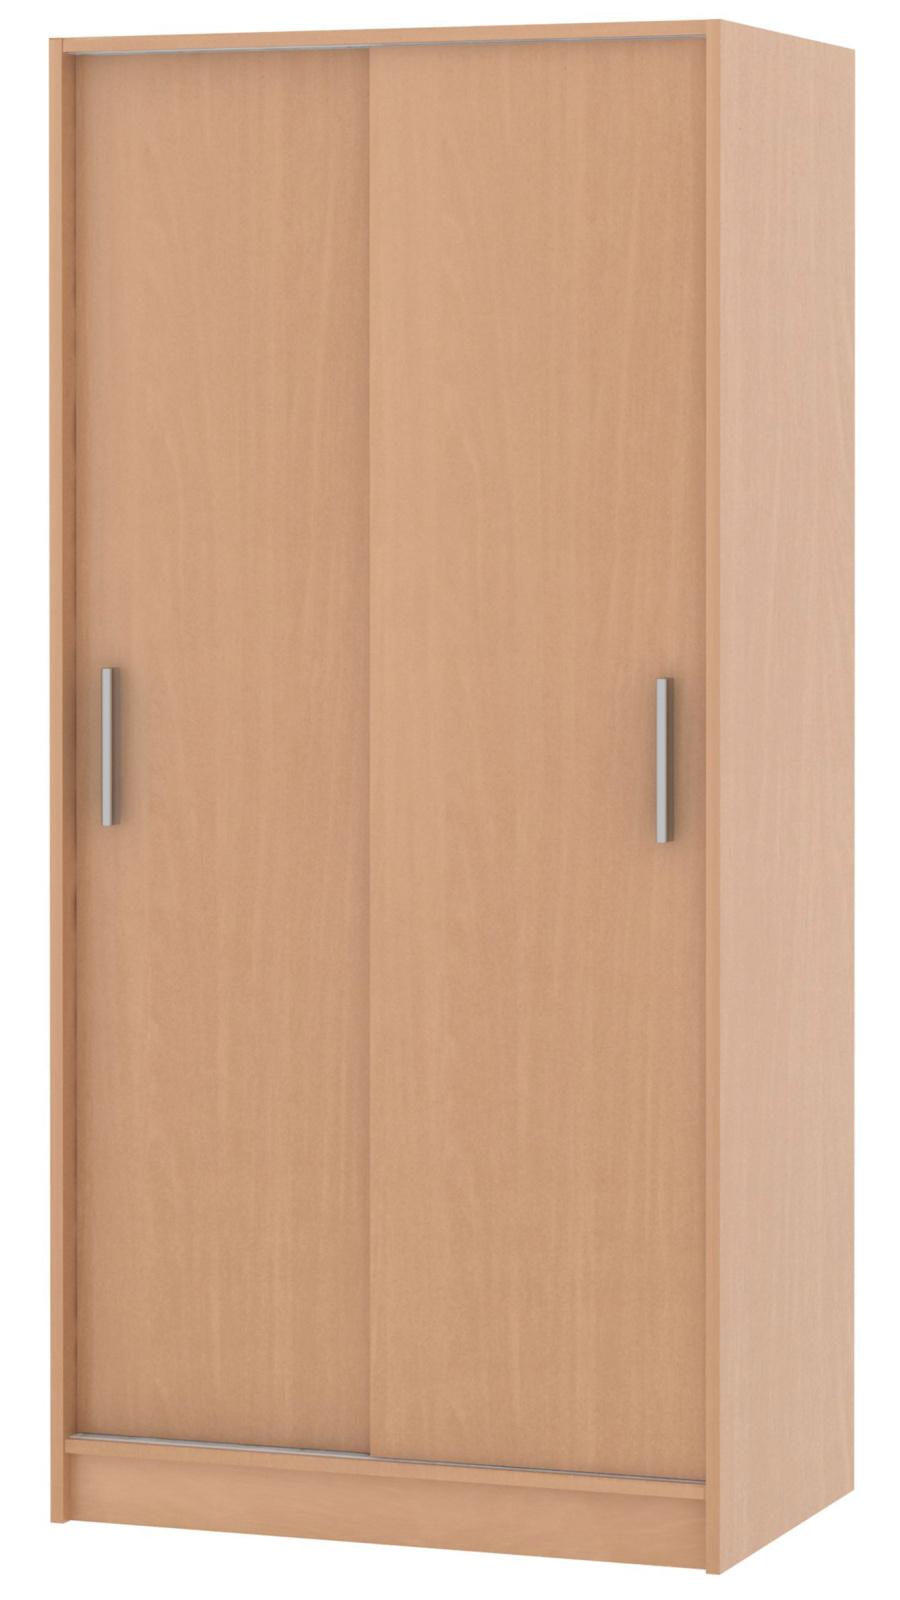 MB Domus Skříň s posuvnými dveřmi SMART 01, buk